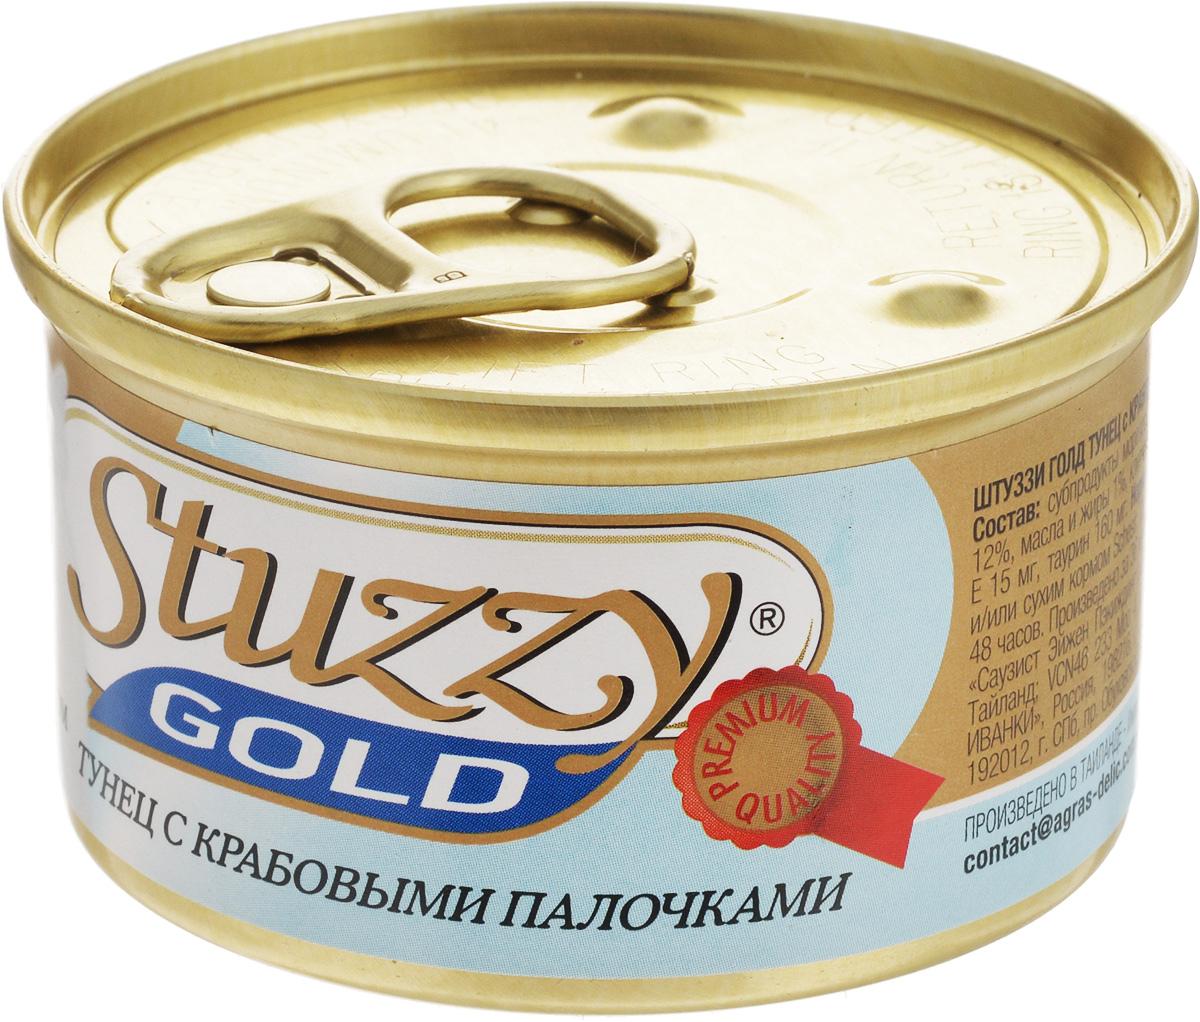 Консервы для взрослых кошек Stuzzy Gold, тунец с крабовыми палочками в собственном соку, 85 г131.C212Консервы для кошек Stuzzy Gold - это дополнительный рацион для взрослых кошек. Корм обогащен таурином и витамином Е для поддержания правильной работы сердца и иммунной системы. Инулин обеспечивает всасывание питательных веществ, а биотин способствуют великолепному внешнему виду кожи и шерсти. Корм приготовлен на пару, не содержит красителей и консервантов.Состав: субпродукты морепродуктов (тунец 50,2%, крабовые палочки 4%), рис 2,2%.Питательная ценность: белки 12%, масла и жиры 1%, клетчатка 1%, зола 2,5%. Влажность 80%.Питательные добавки (на кг): витамин А 1325 МЕ, витамин Е 15 мг, таурин 160 мг.Товар сертифицирован.